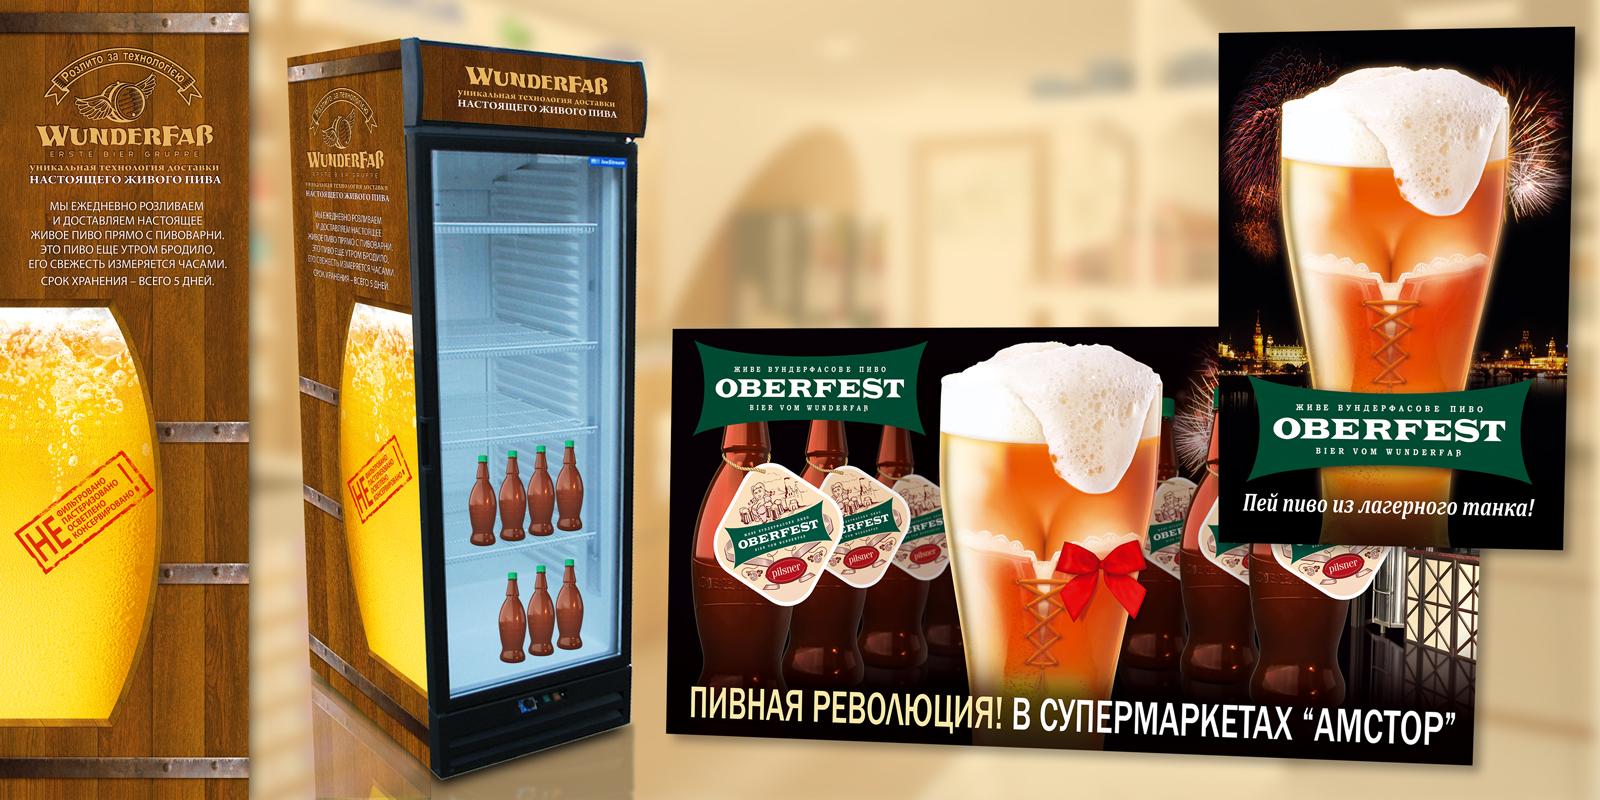 TM Oberfest;;;;;;Разработка дизайна брендирования холодильника и рекламных плакатов для TM Oberfest;;;;;;<span>Клиент:</span> TM Oberfest;;;;;;;;;;;;Разработка дизайна брендирования холодильника и рекламных плакатов для TM Oberfest;;;;;;4